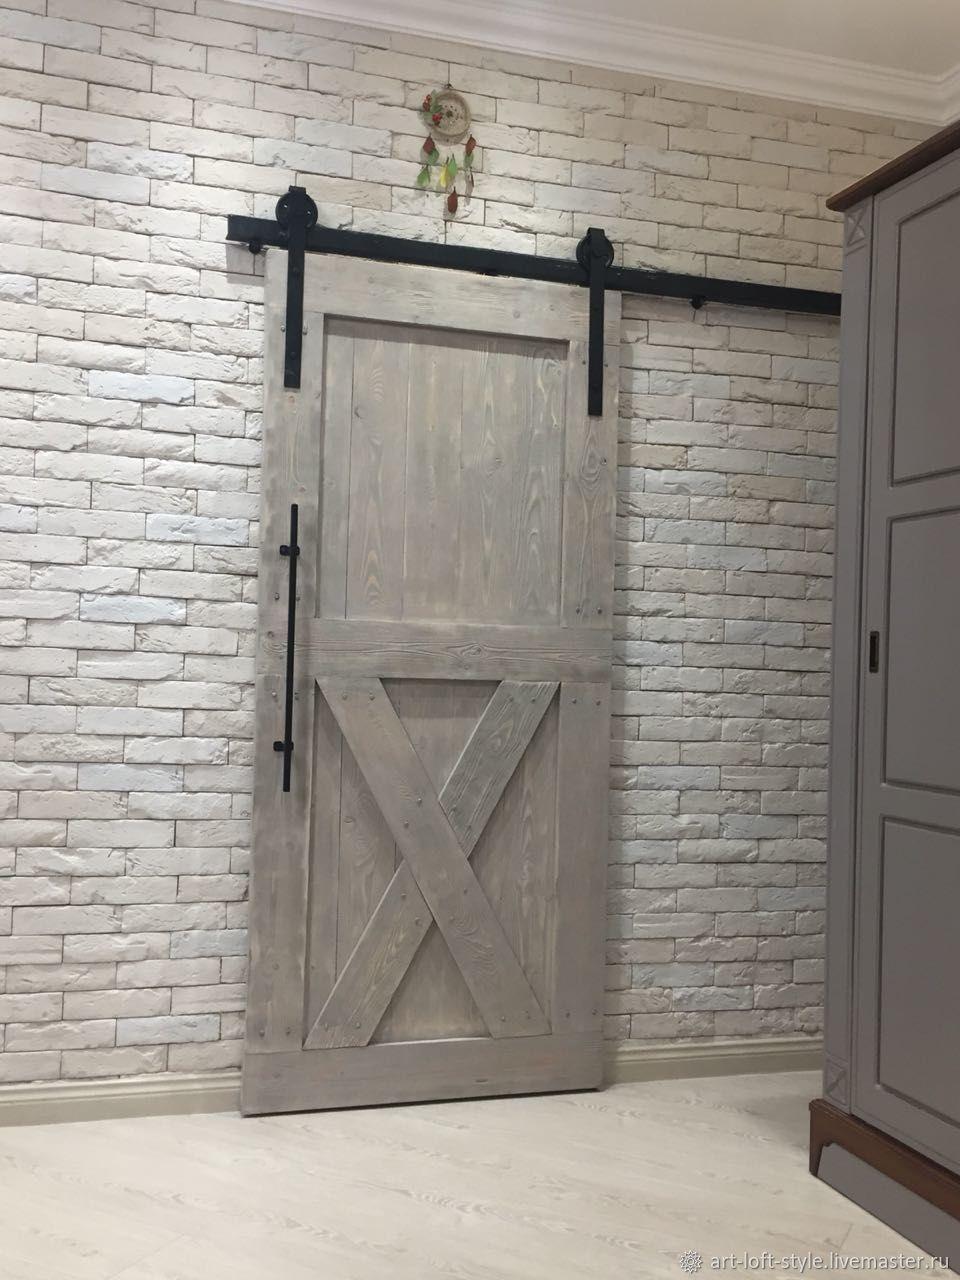 Амбарные двери для ваших бизнес-пространств и жилых интерьеров. Брутальные двери, и двери лакшери, любой сложности, размеров и конфигураций.